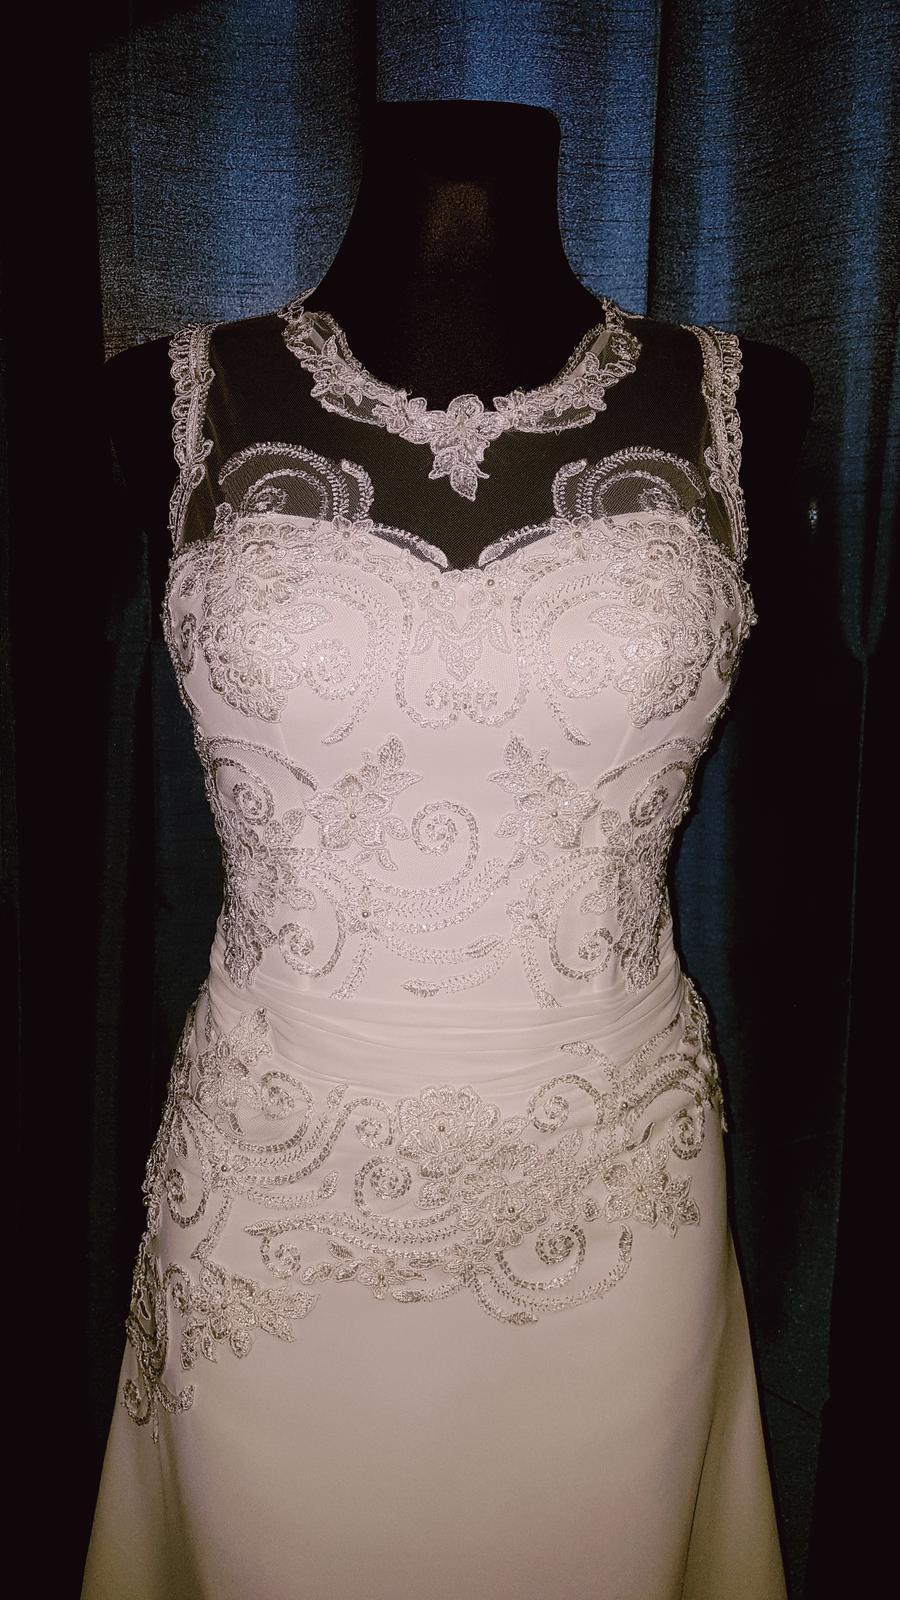 Svadobné šaty 36-38 na 172 cm - Obrázok č. 4